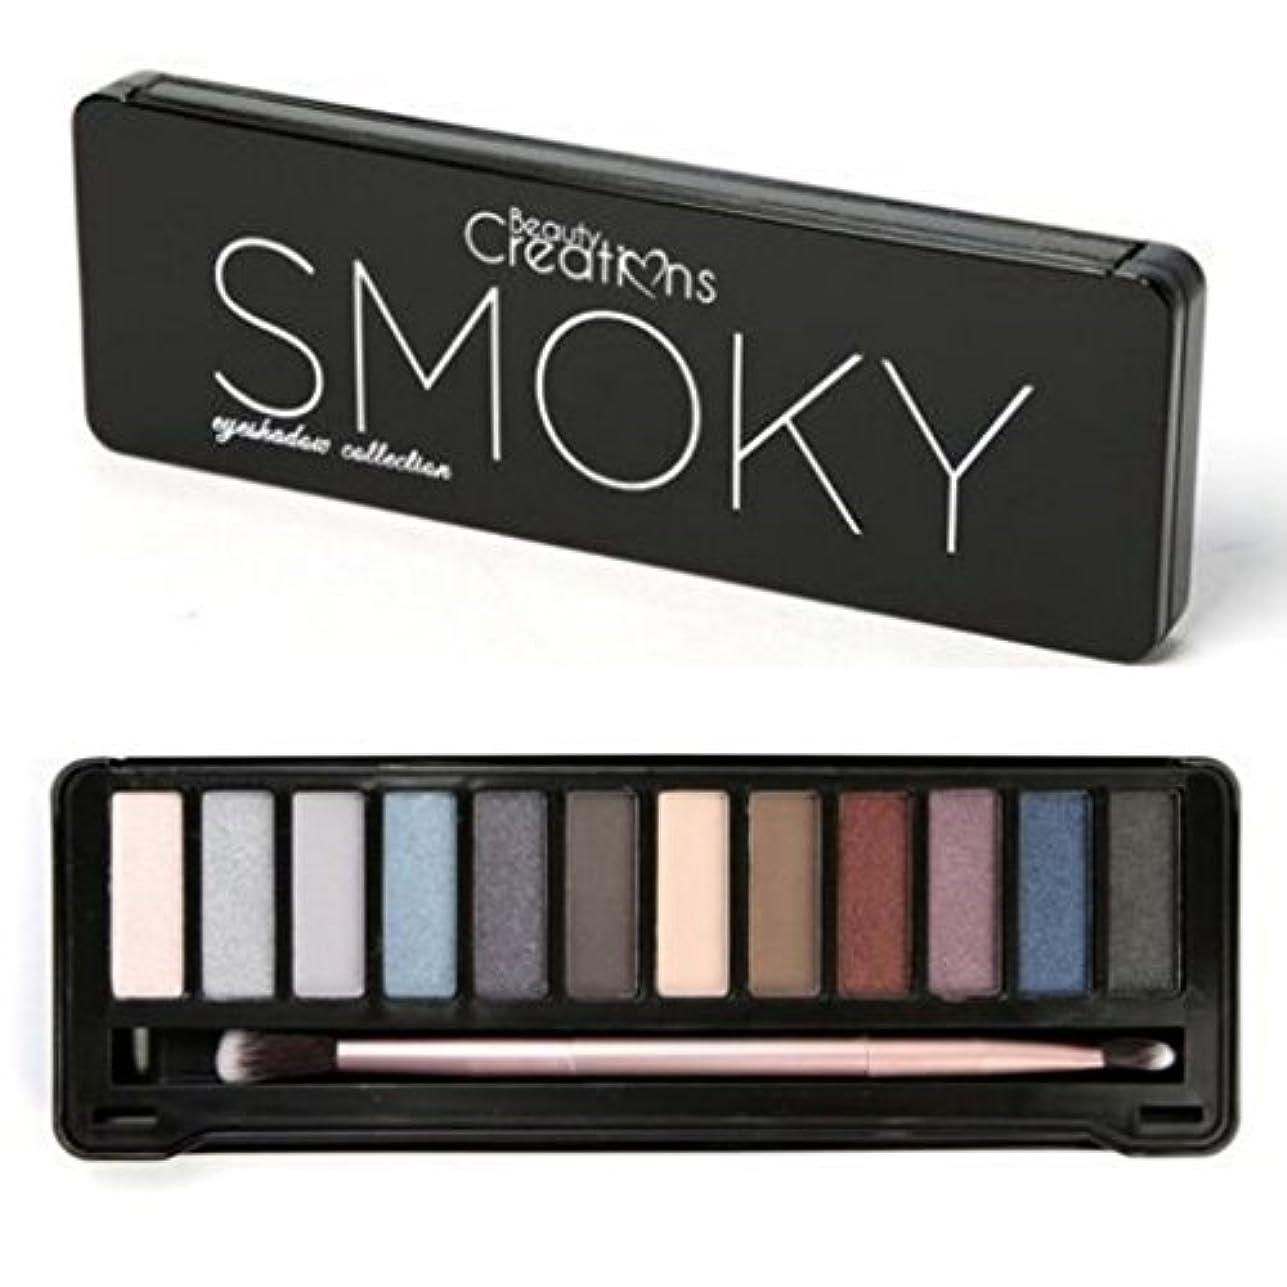 千送信する他にBEAUTY CREATIONS Intense Eyeshadow Palette - Smoky (並行輸入品)